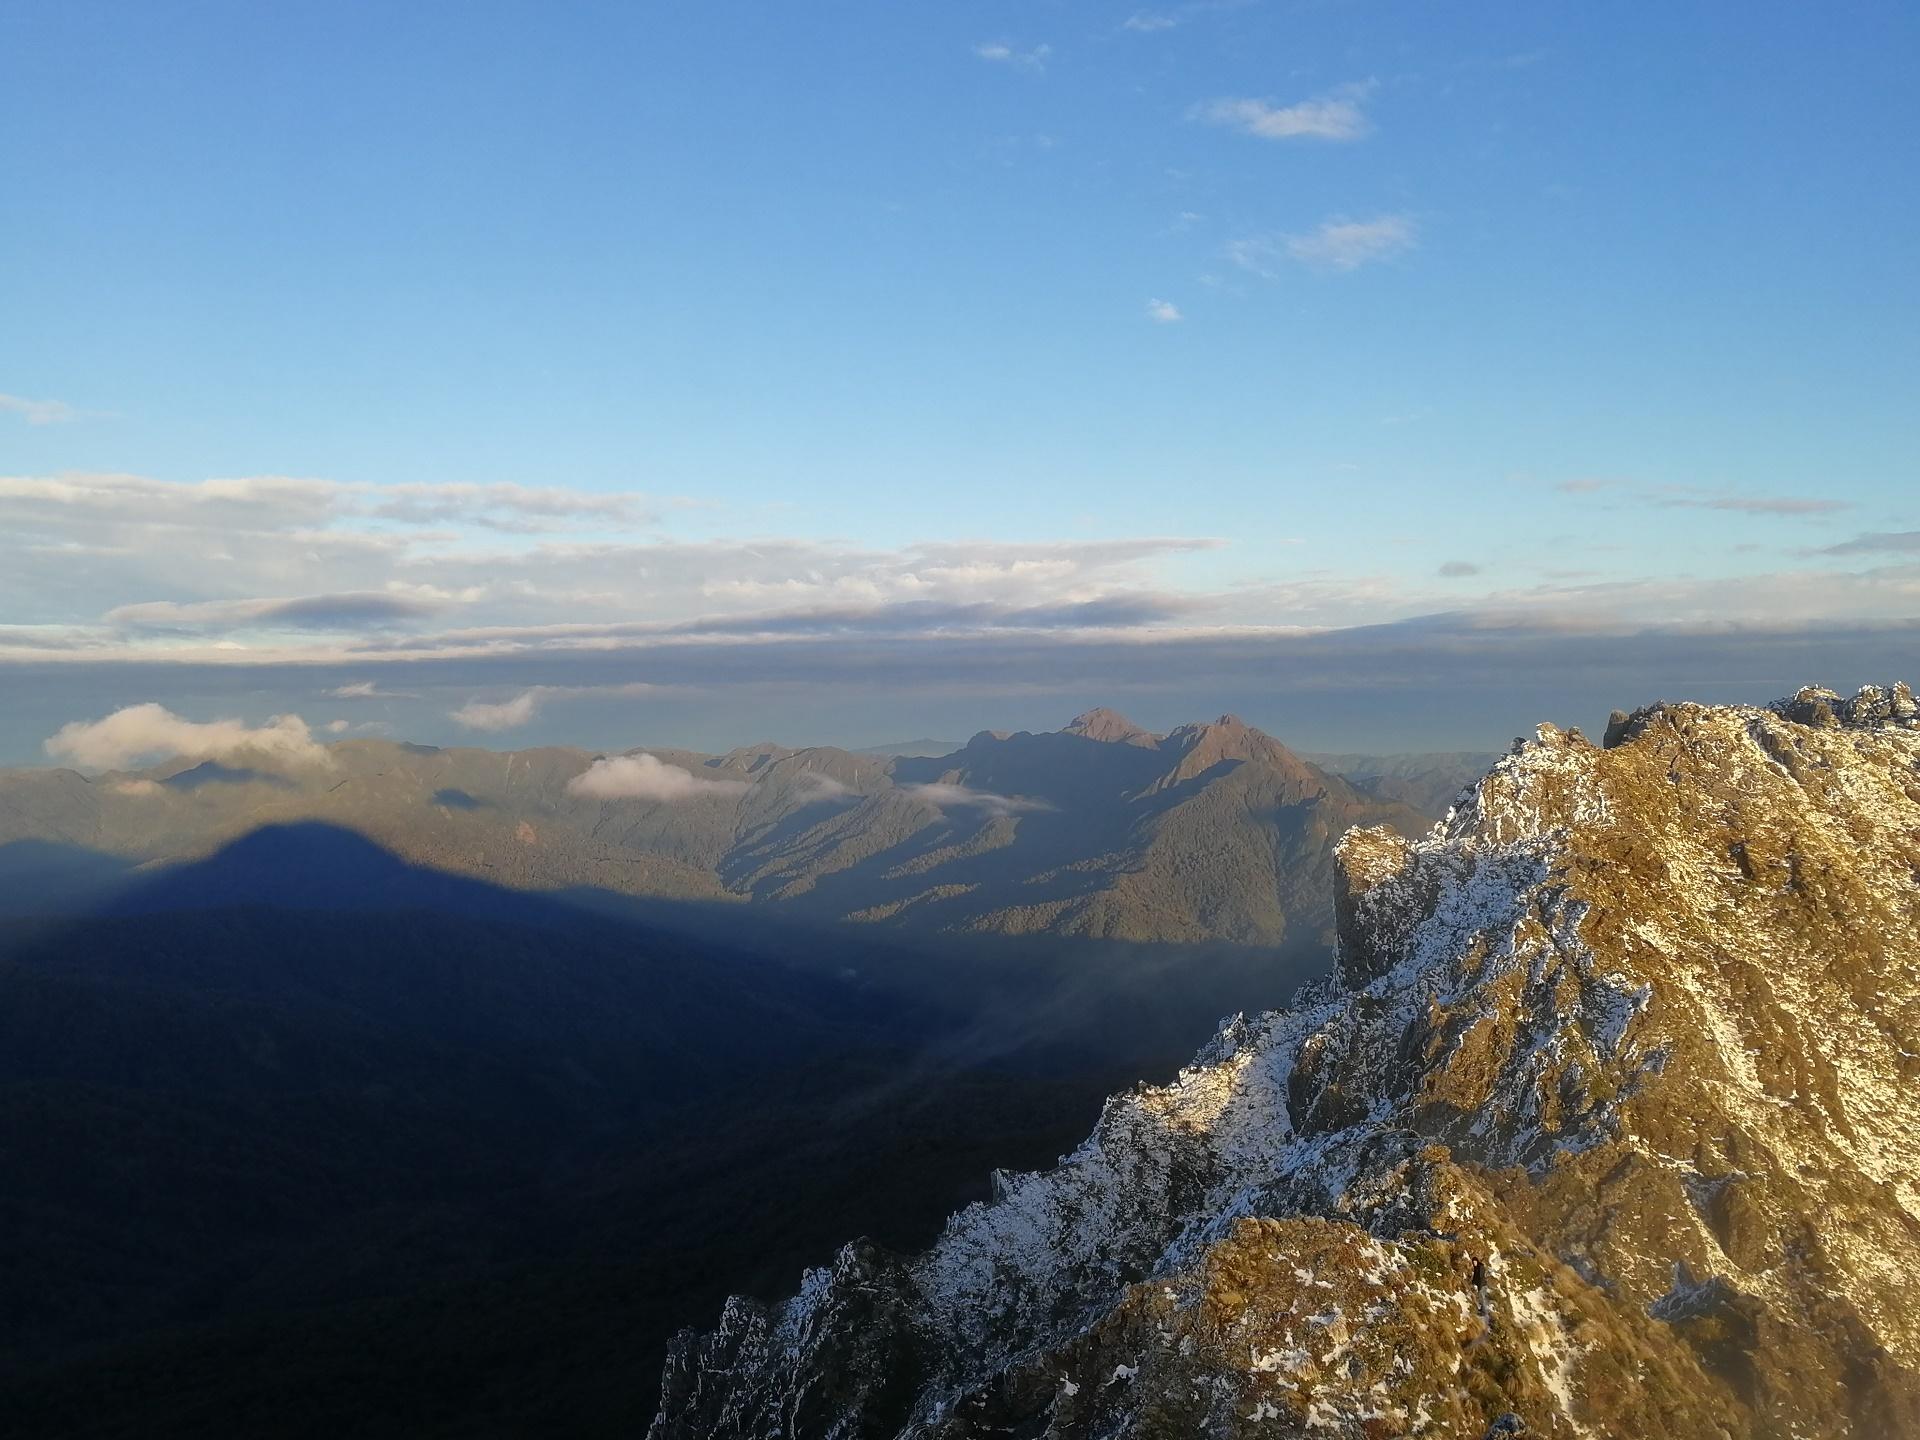 Pohled do údolí na okolní pohoří z vrcohulu posvátné hory Hikurangi